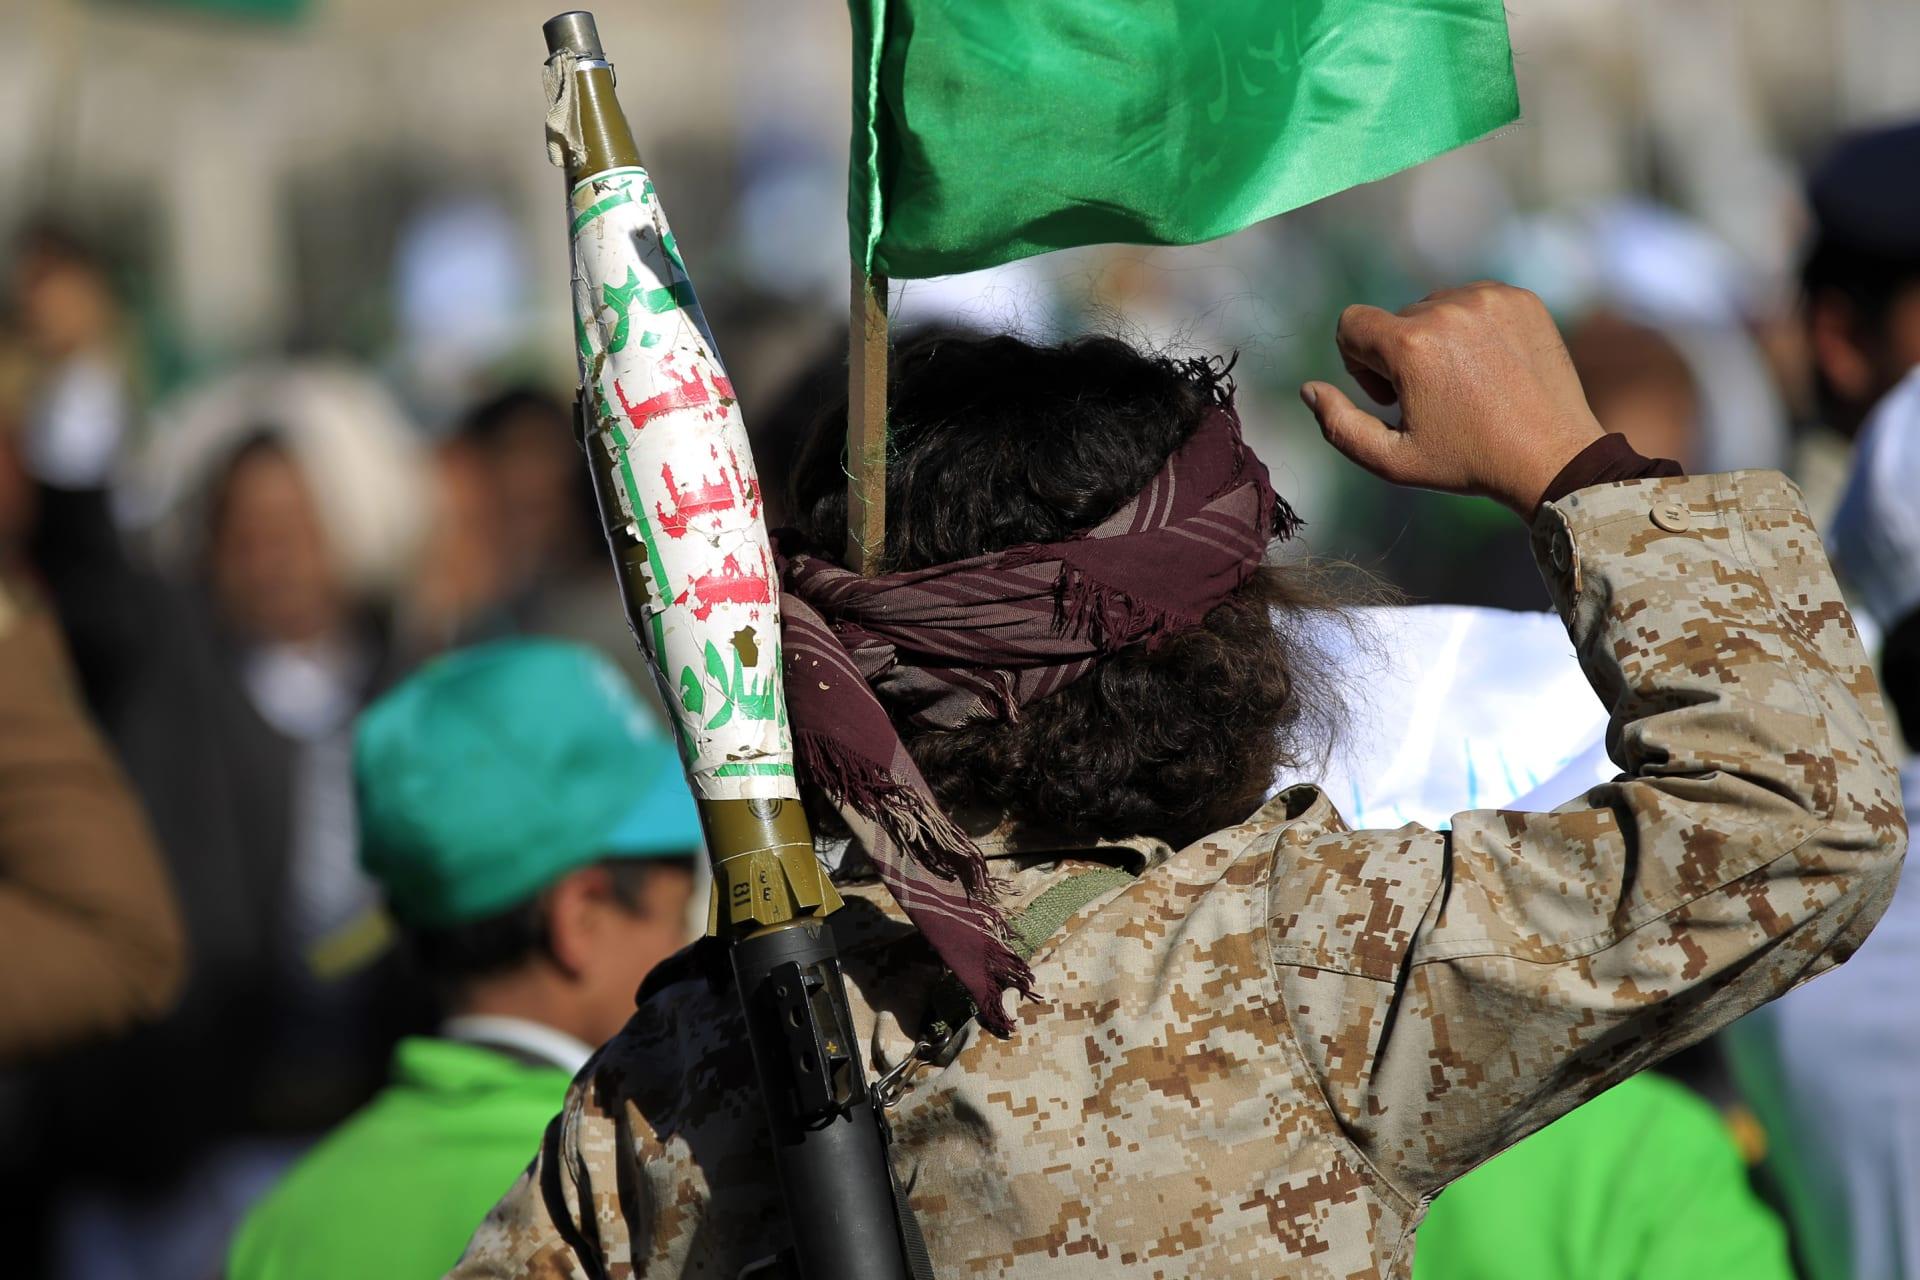 الأمير خالد بن سلمان: هجوم الحوثي على ناقلة النفط تصميم على التصعيد